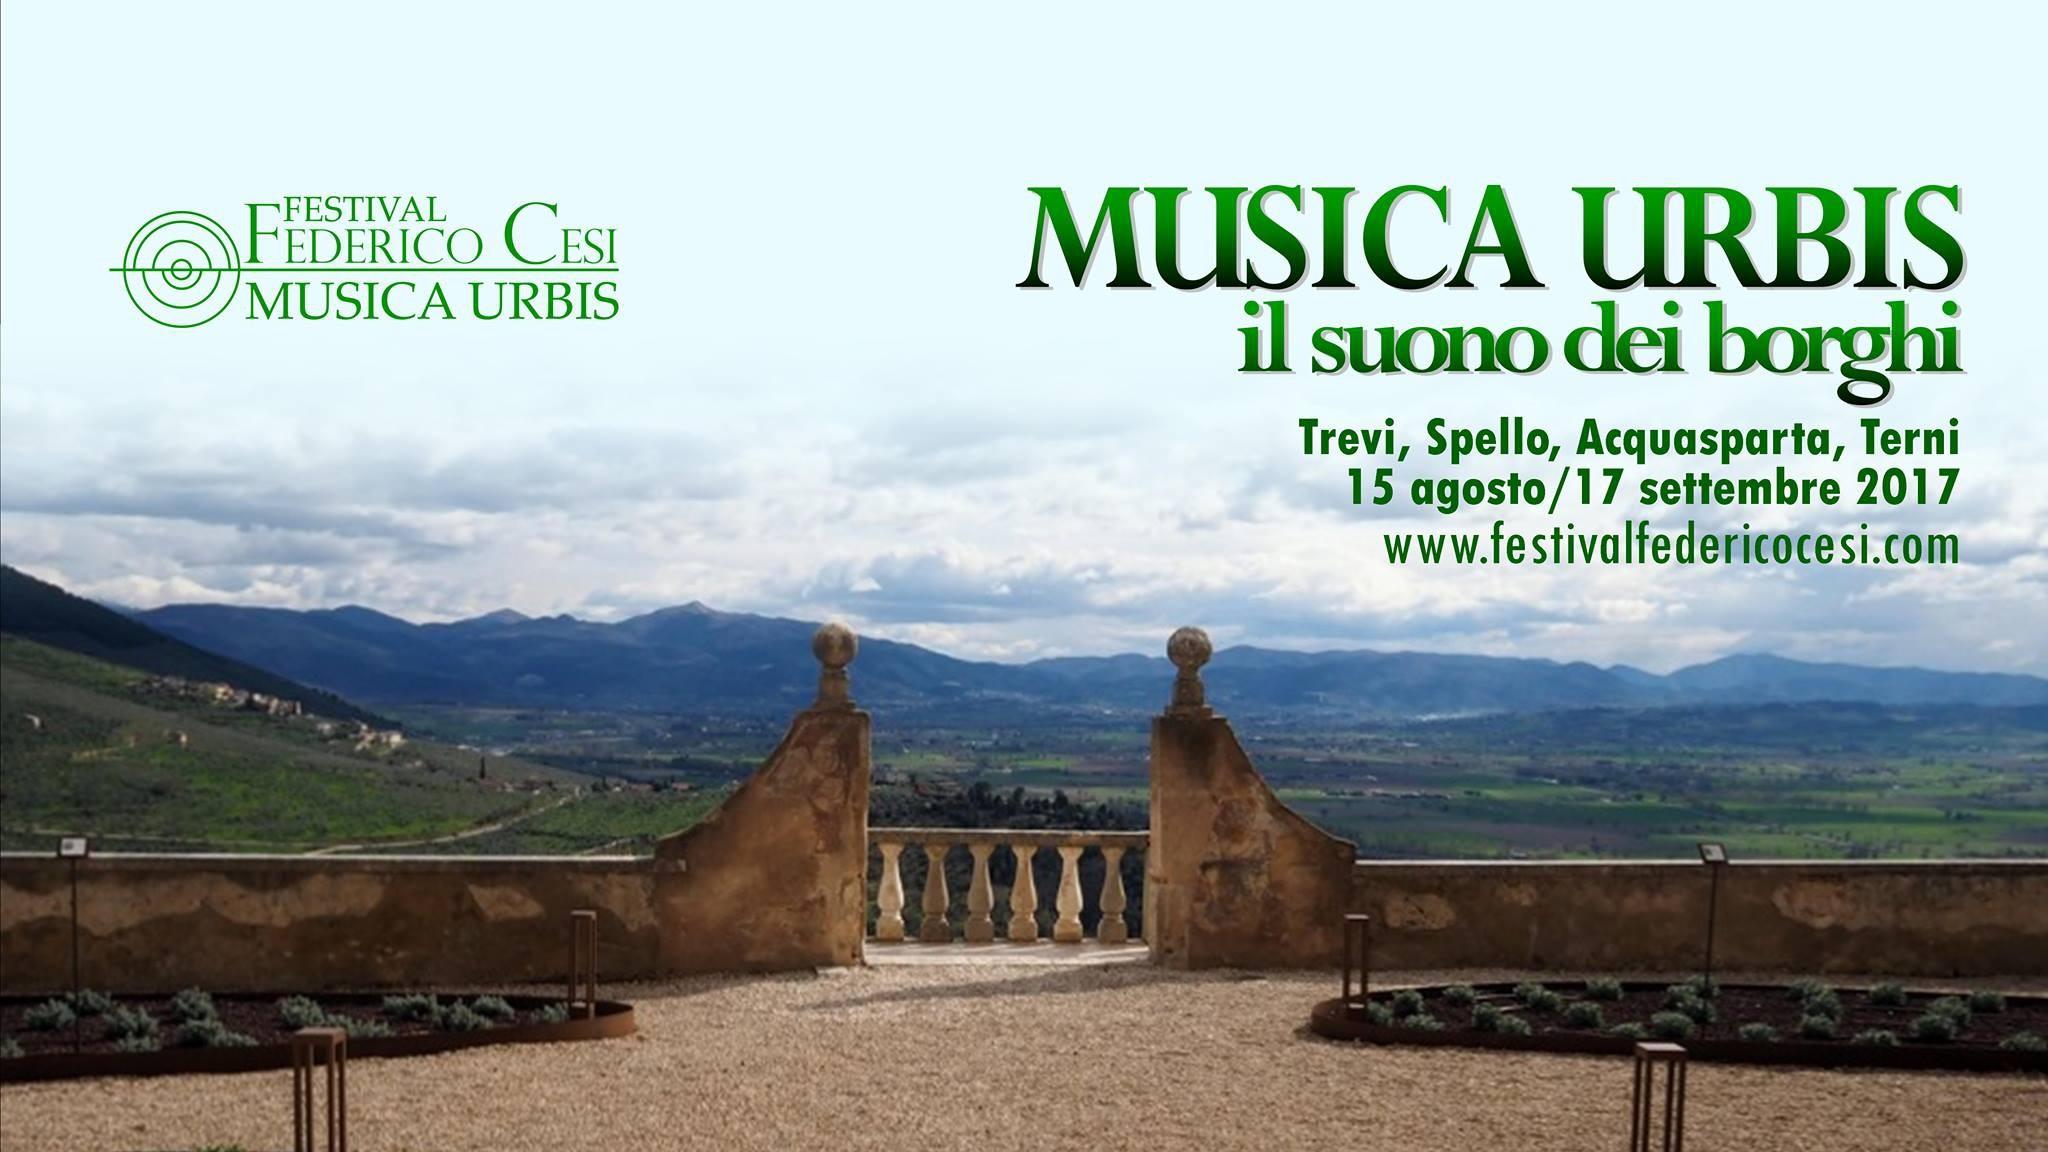 Festival Federico Cesi, il suono dei borghi umbri diventa un concerto